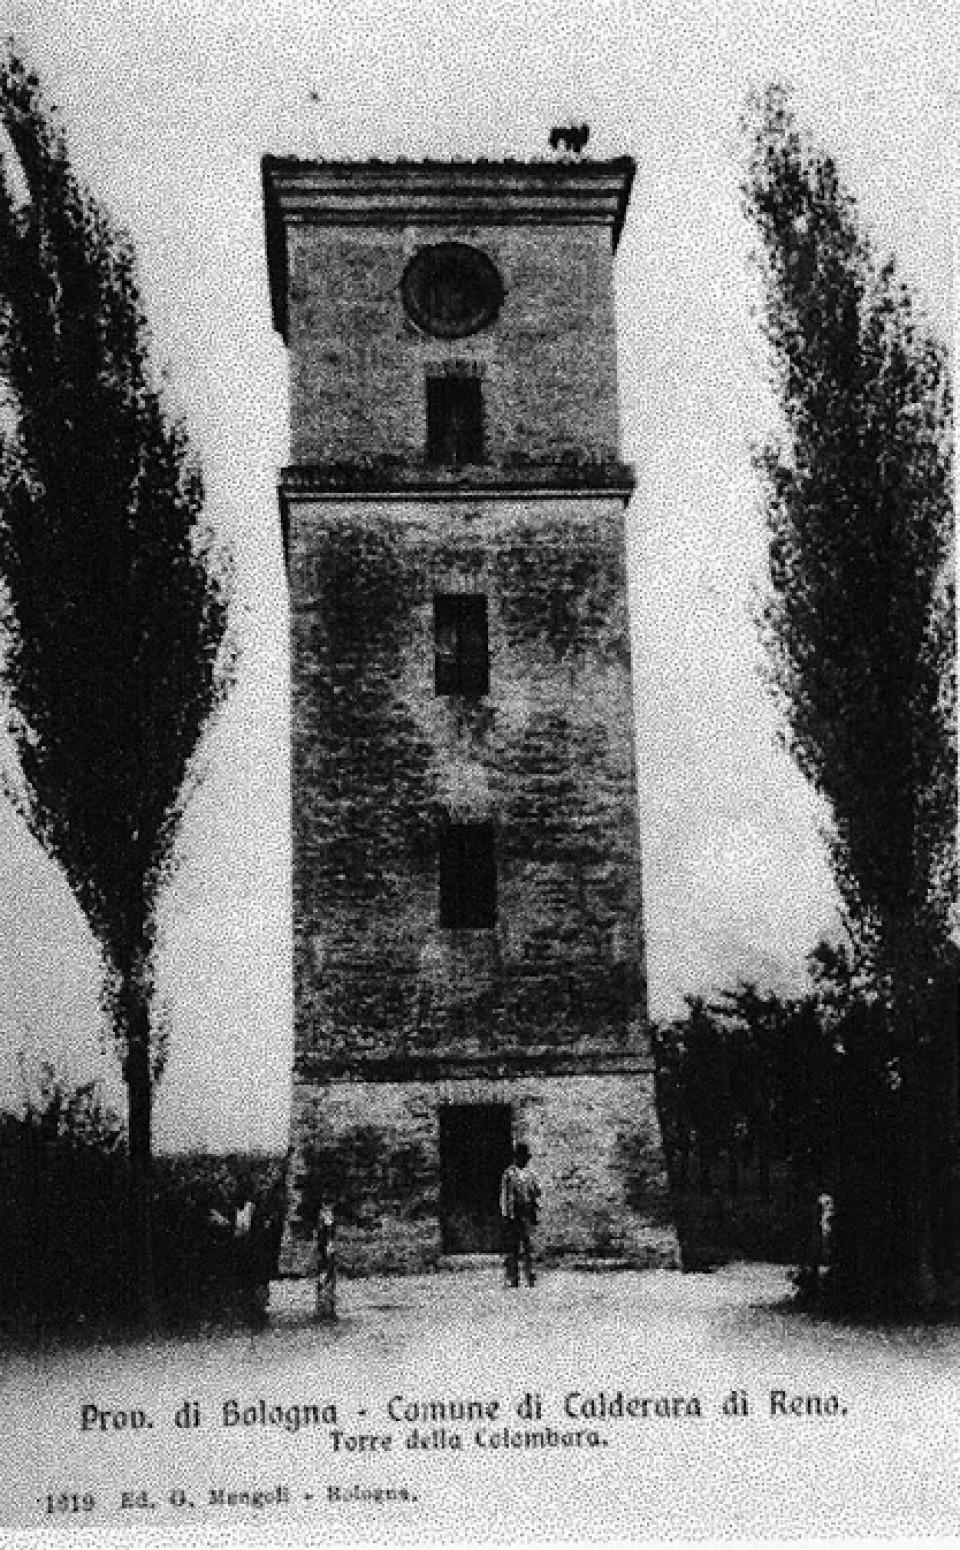 Torre del Gamberino